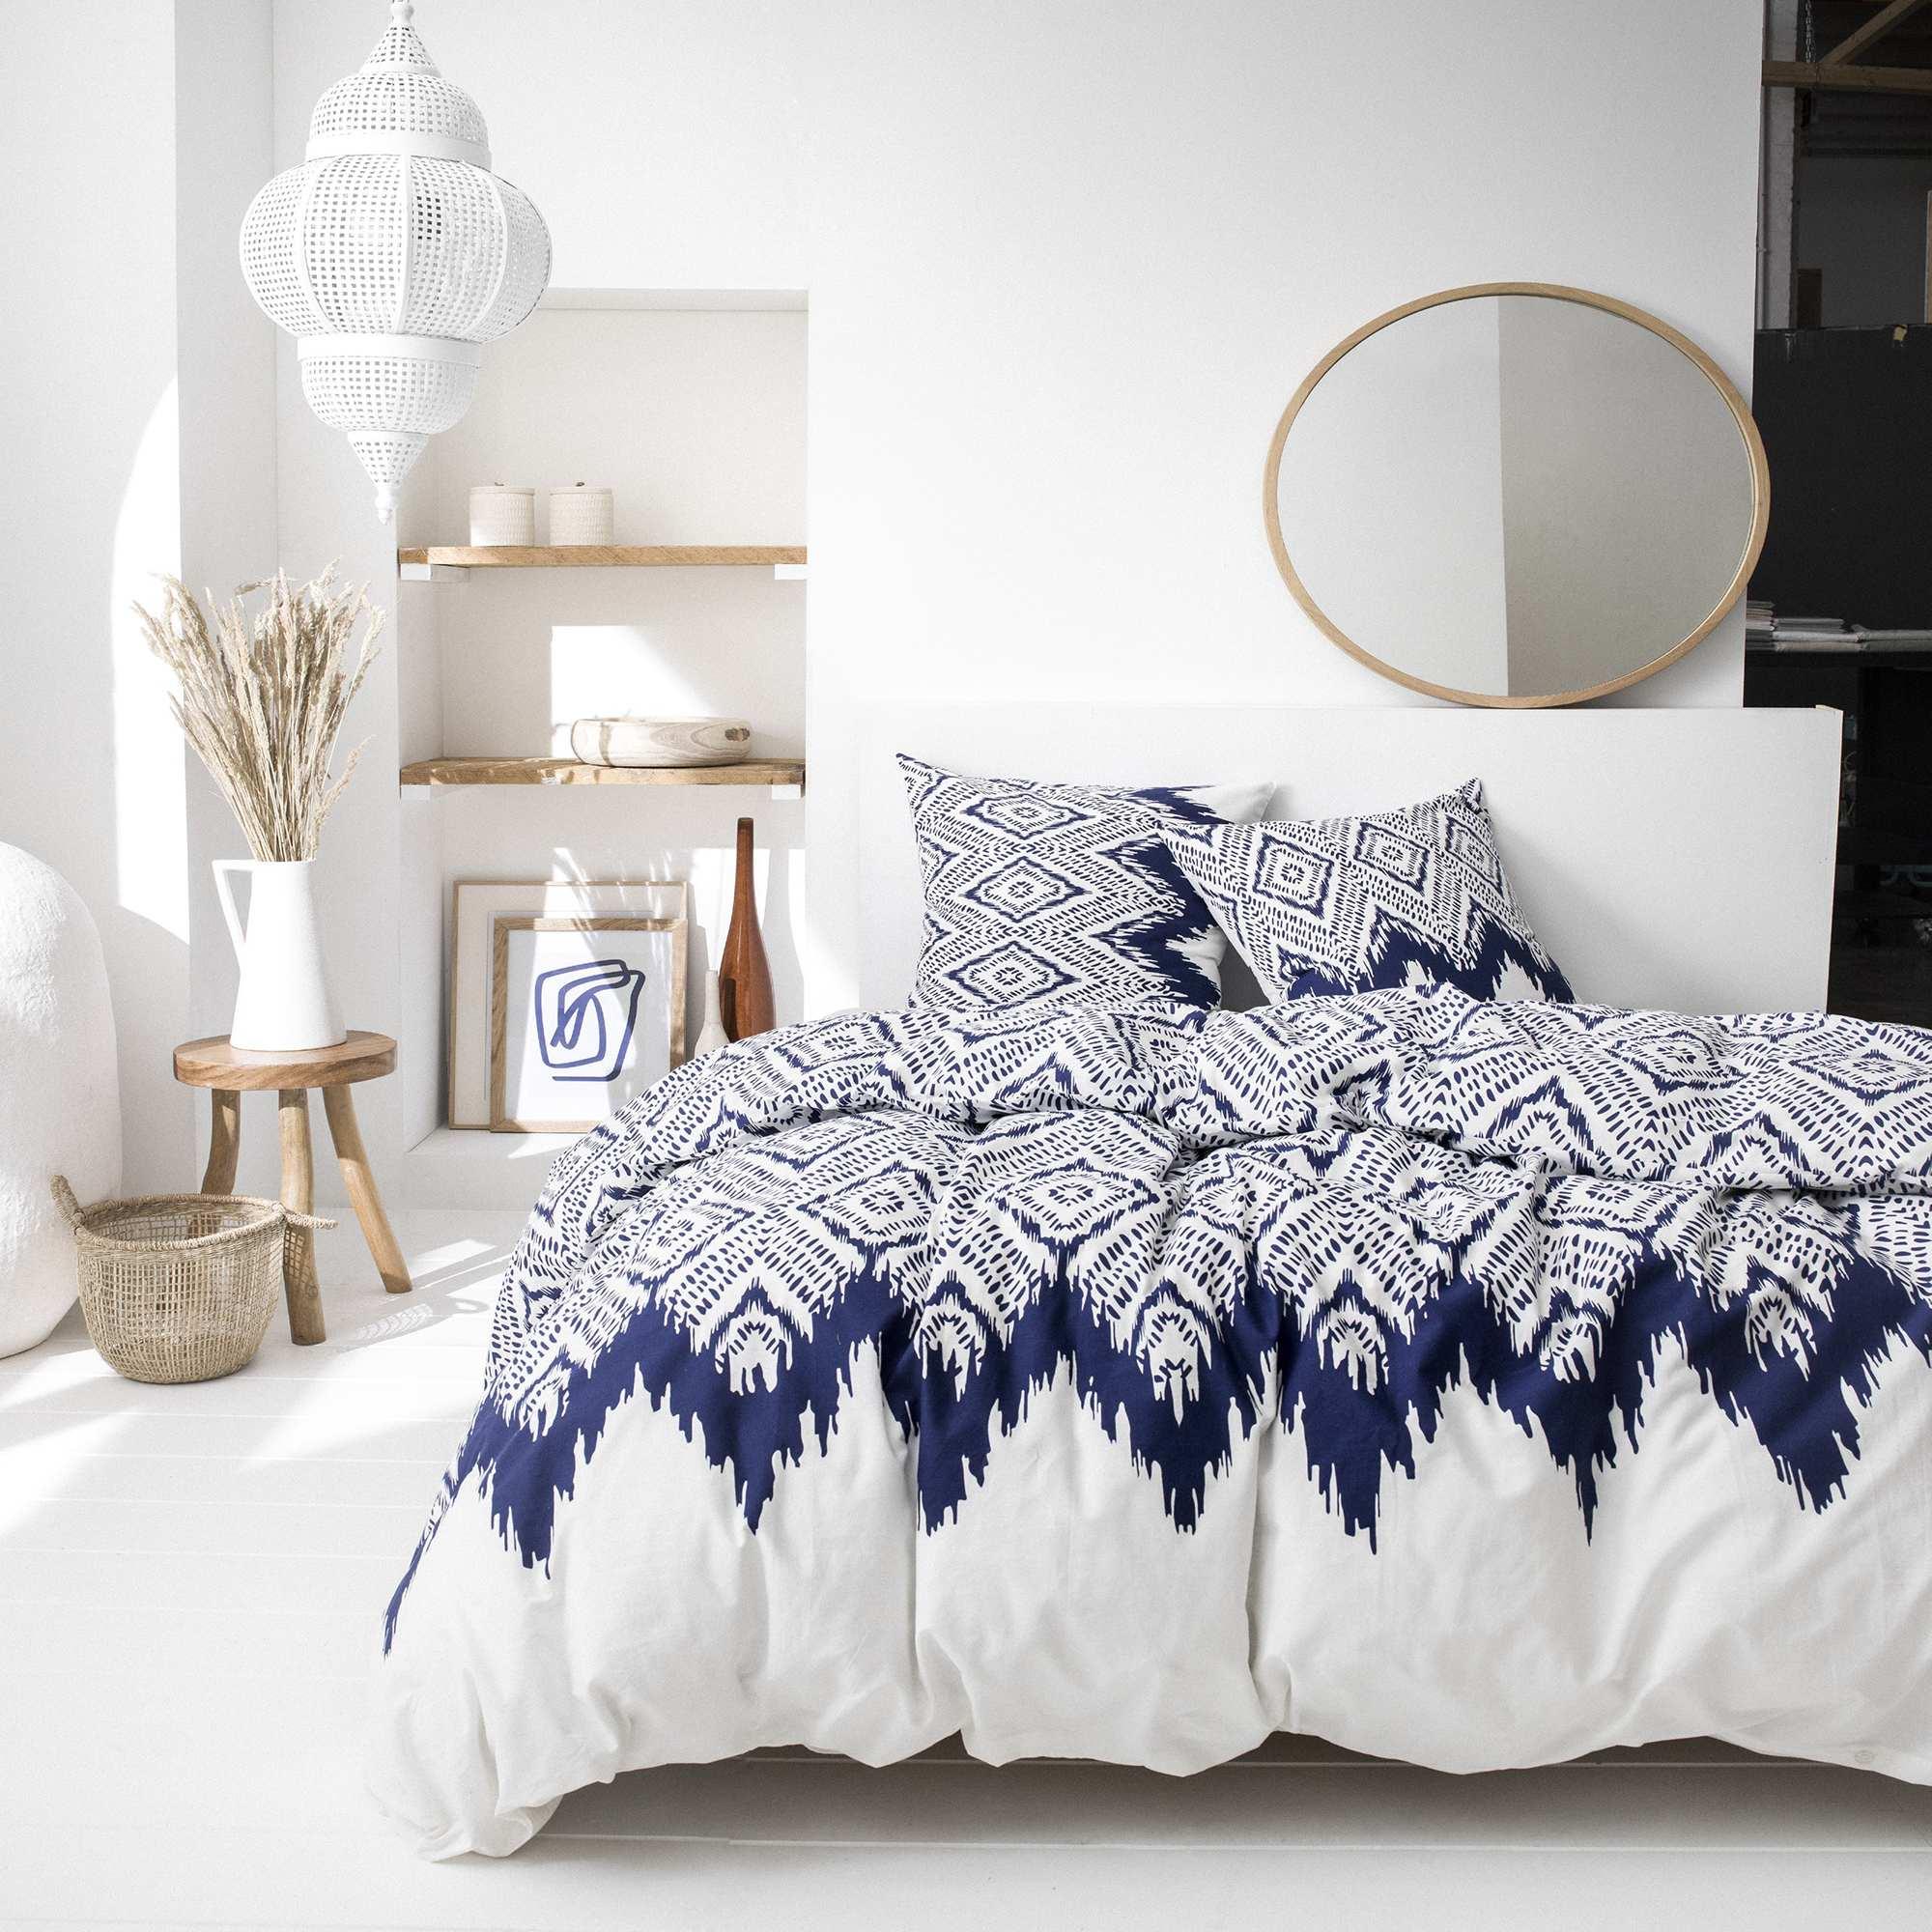 b0c06d22d43 Juego de cama doble Hogar - azul blanco - Kiabi - 32